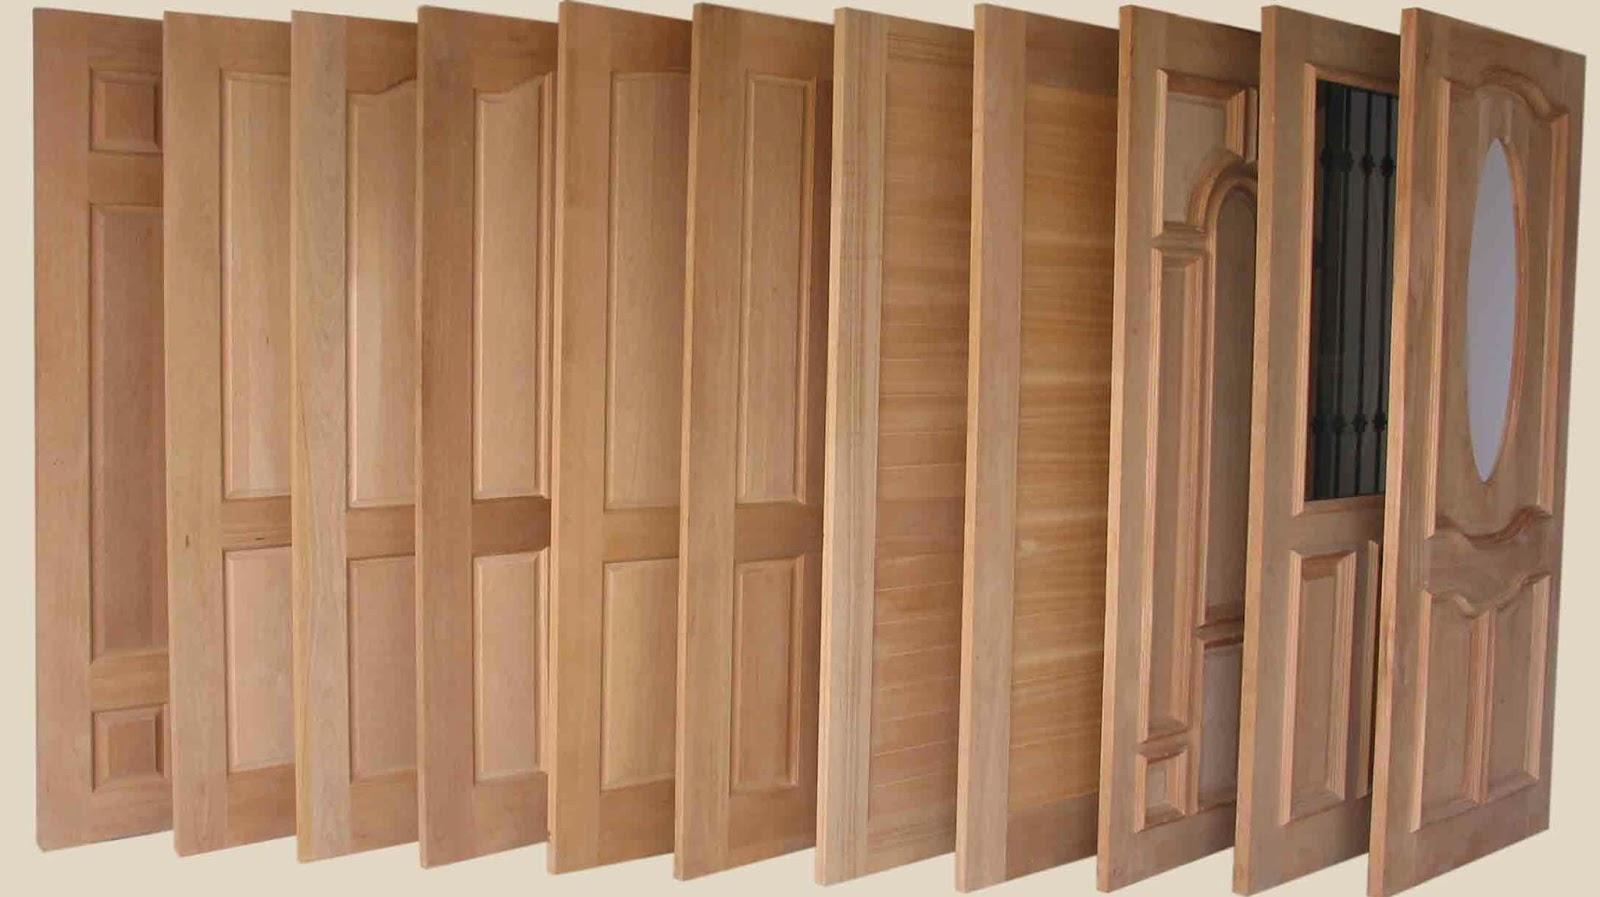 Casa de este alojamiento instalacion de puertas de entrada y salida - Puertas entrada madera ...